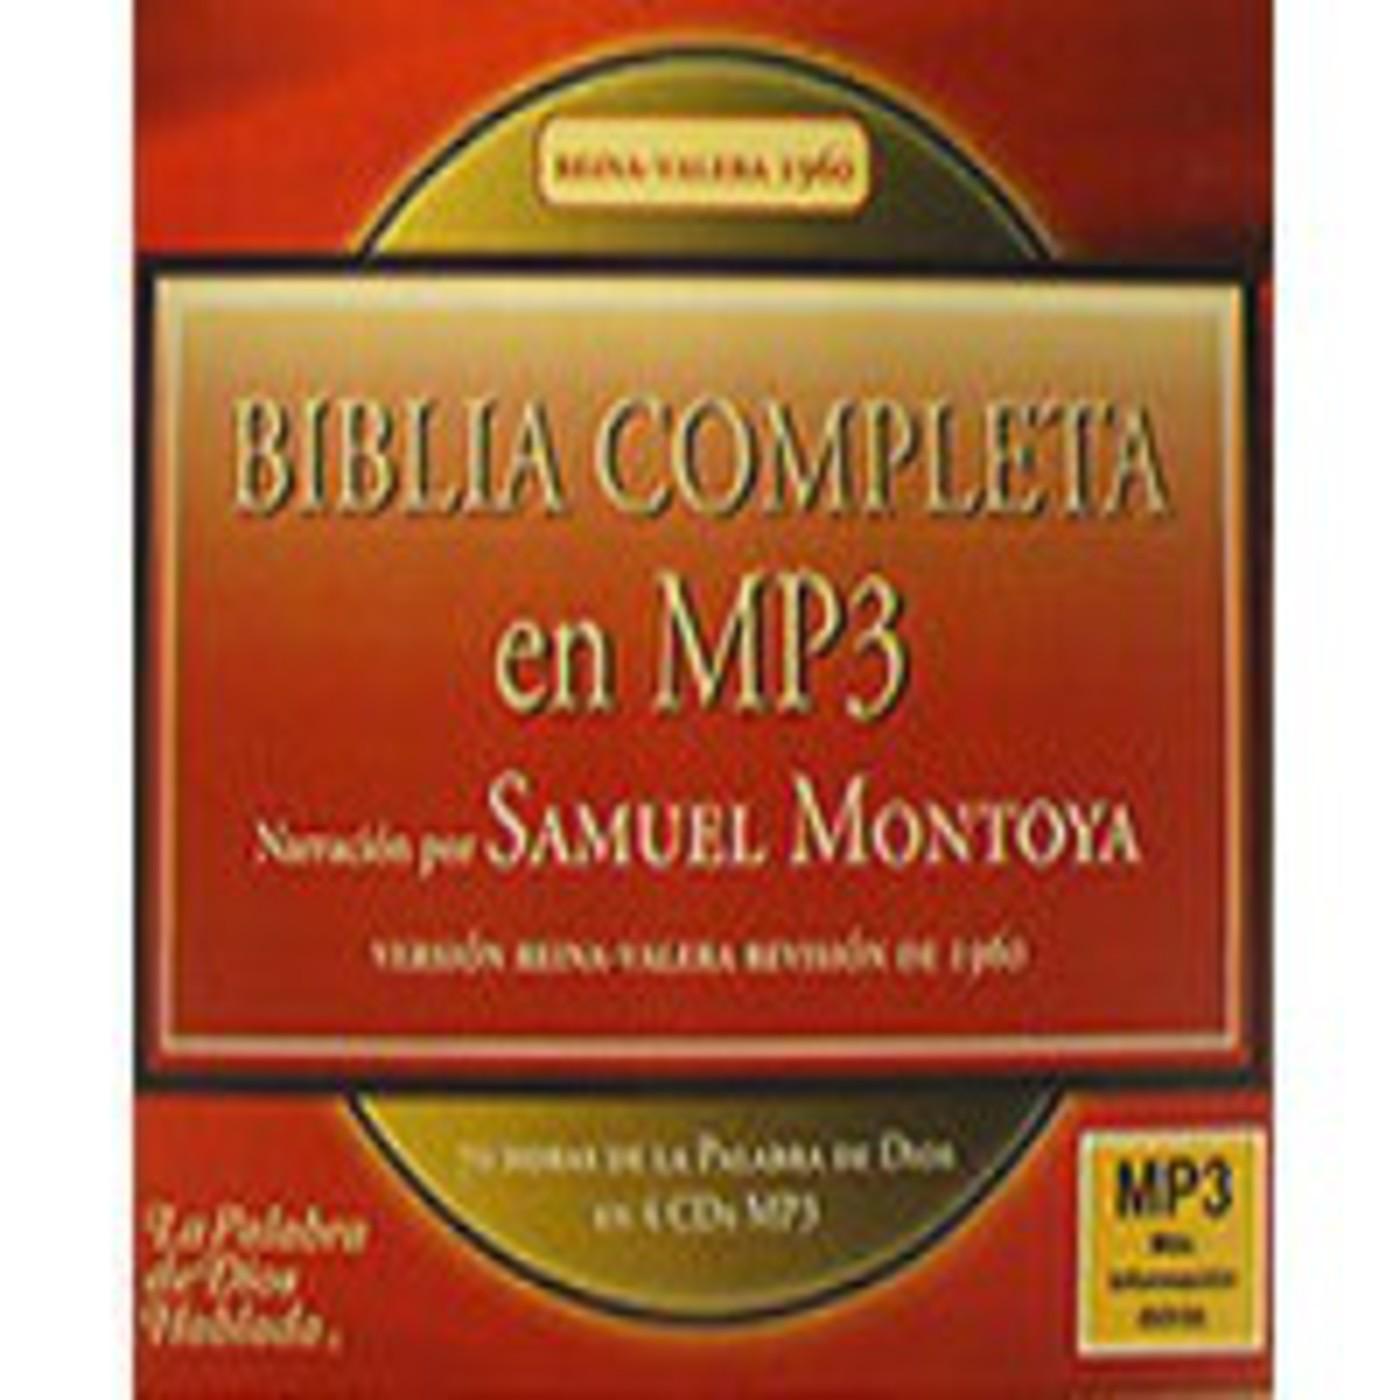 [068/156]BIBLIA en MP3 - Antiguo Testamento - Salmos